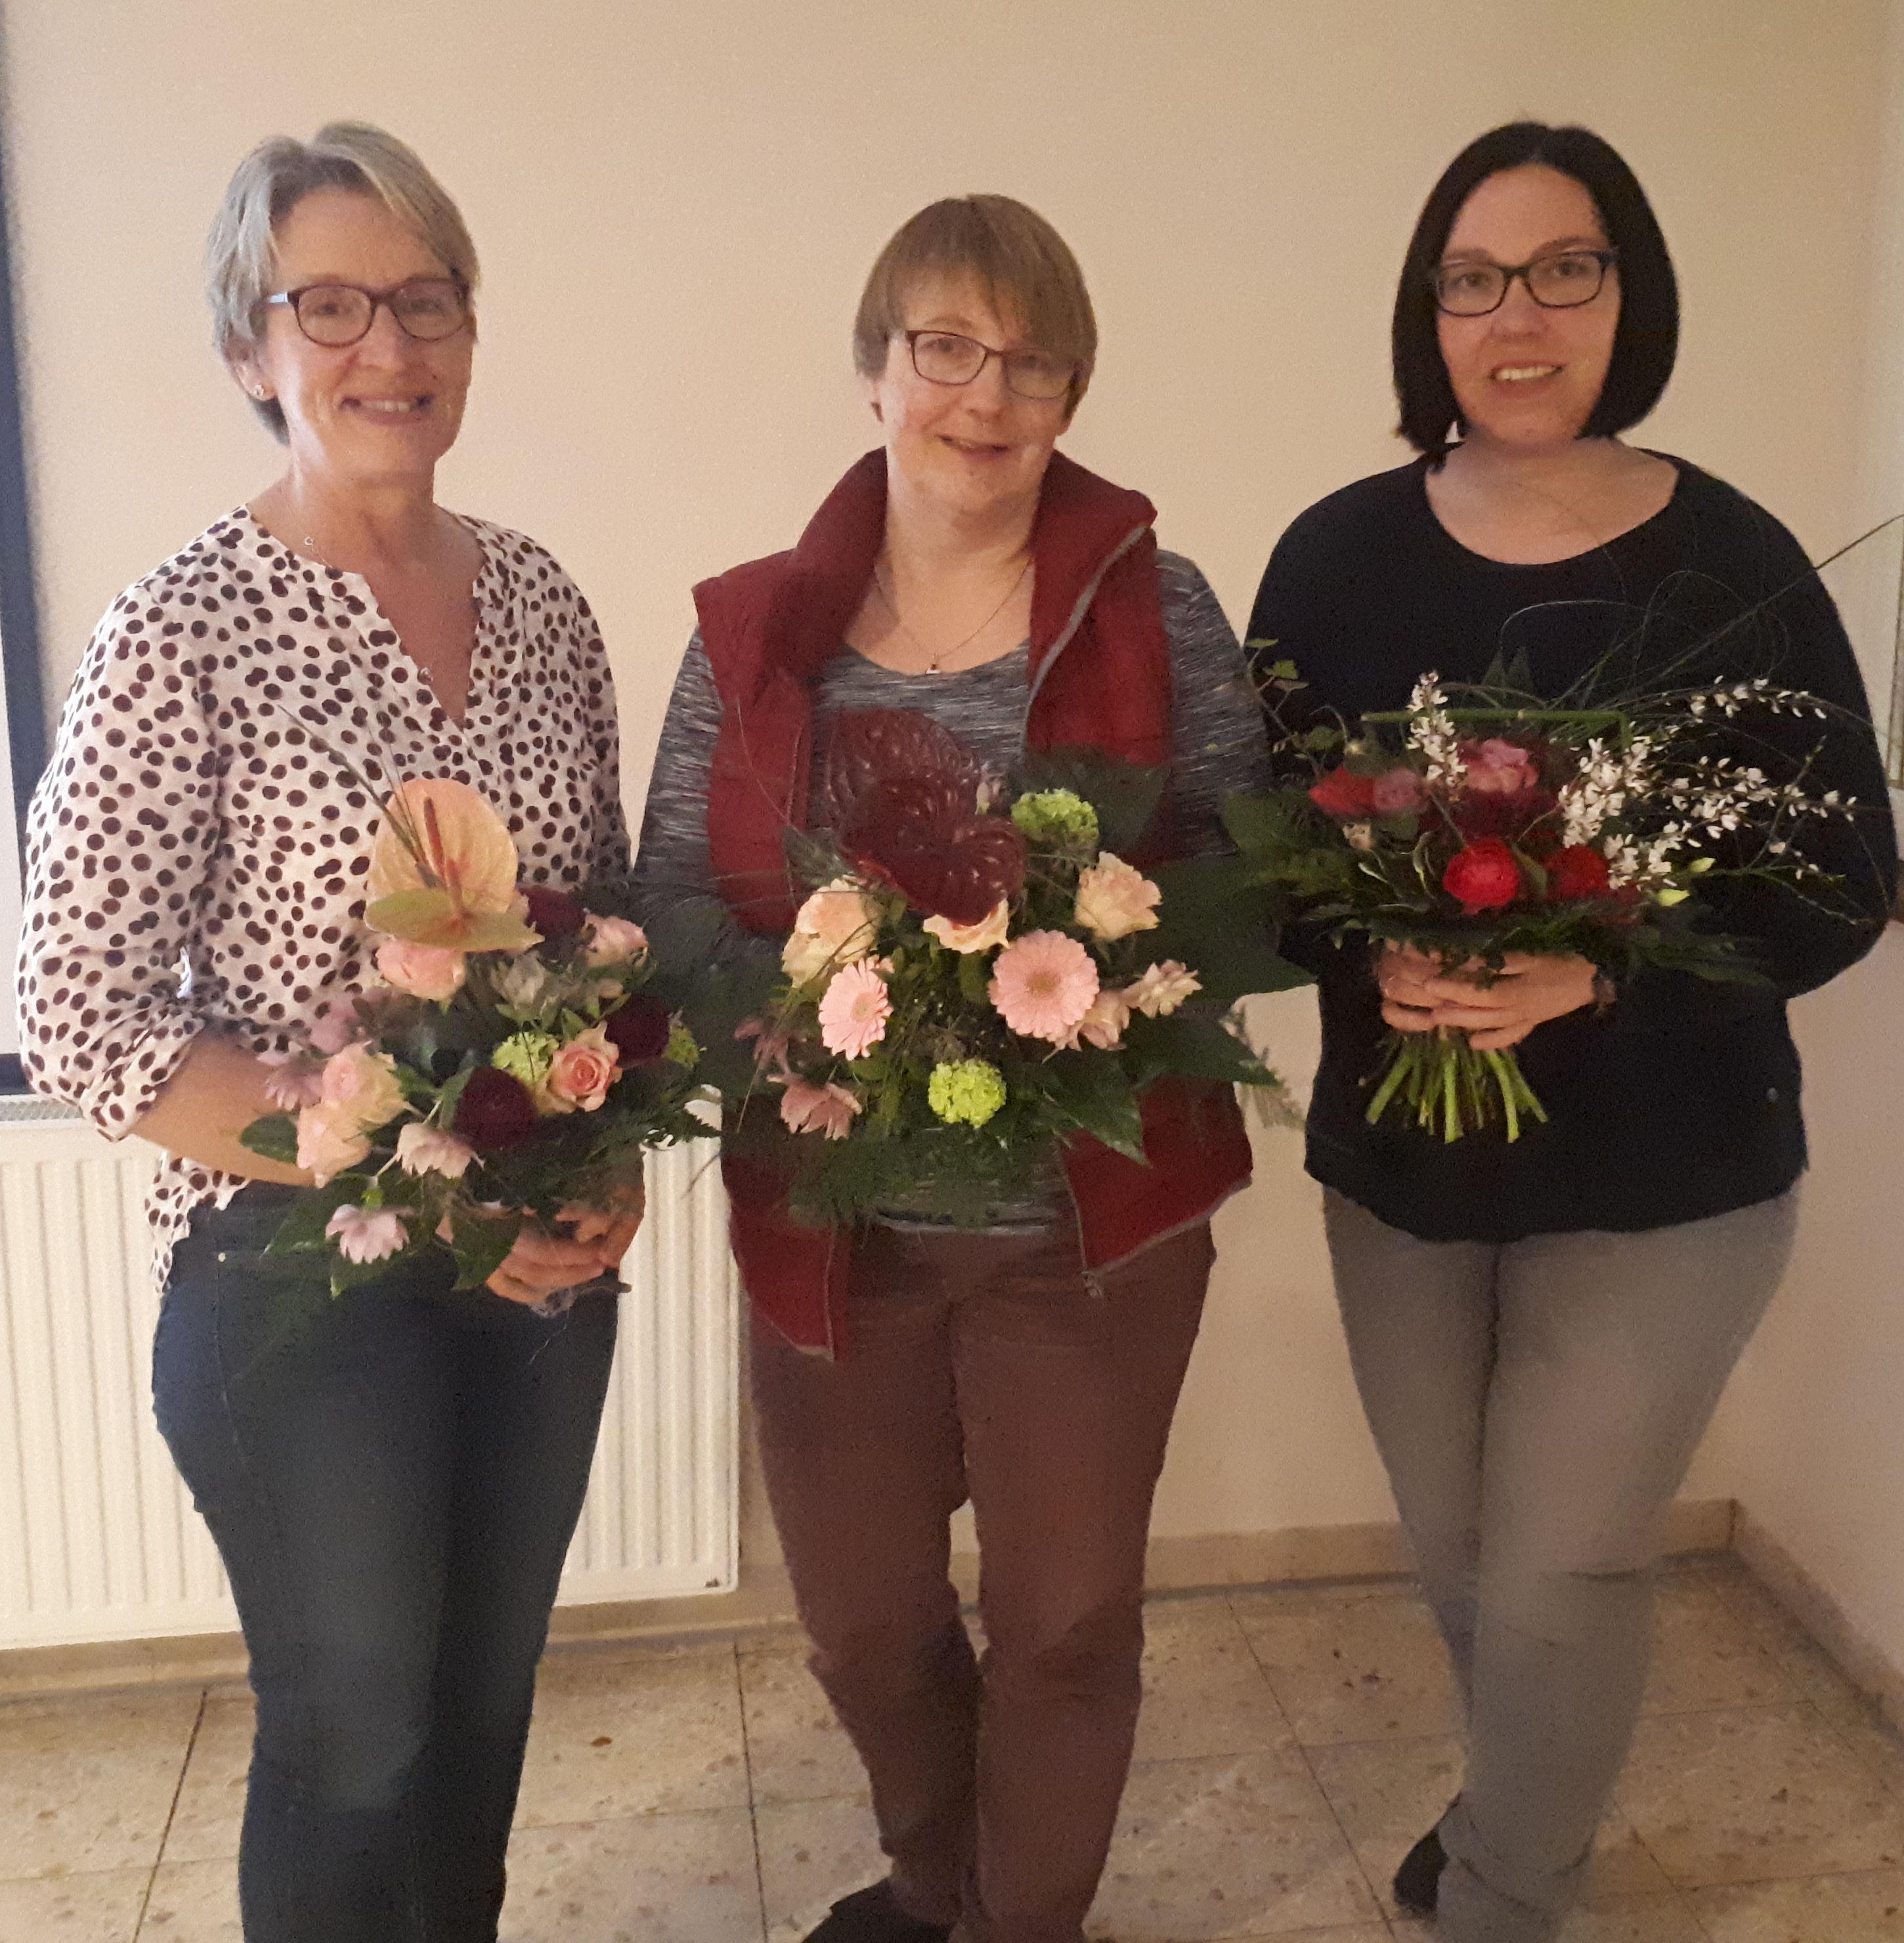 Die ehemaligen Vorstandsmitglieder Elke Engelhardt, Martina Geid, Annika de Waal (v.l.n.r.)